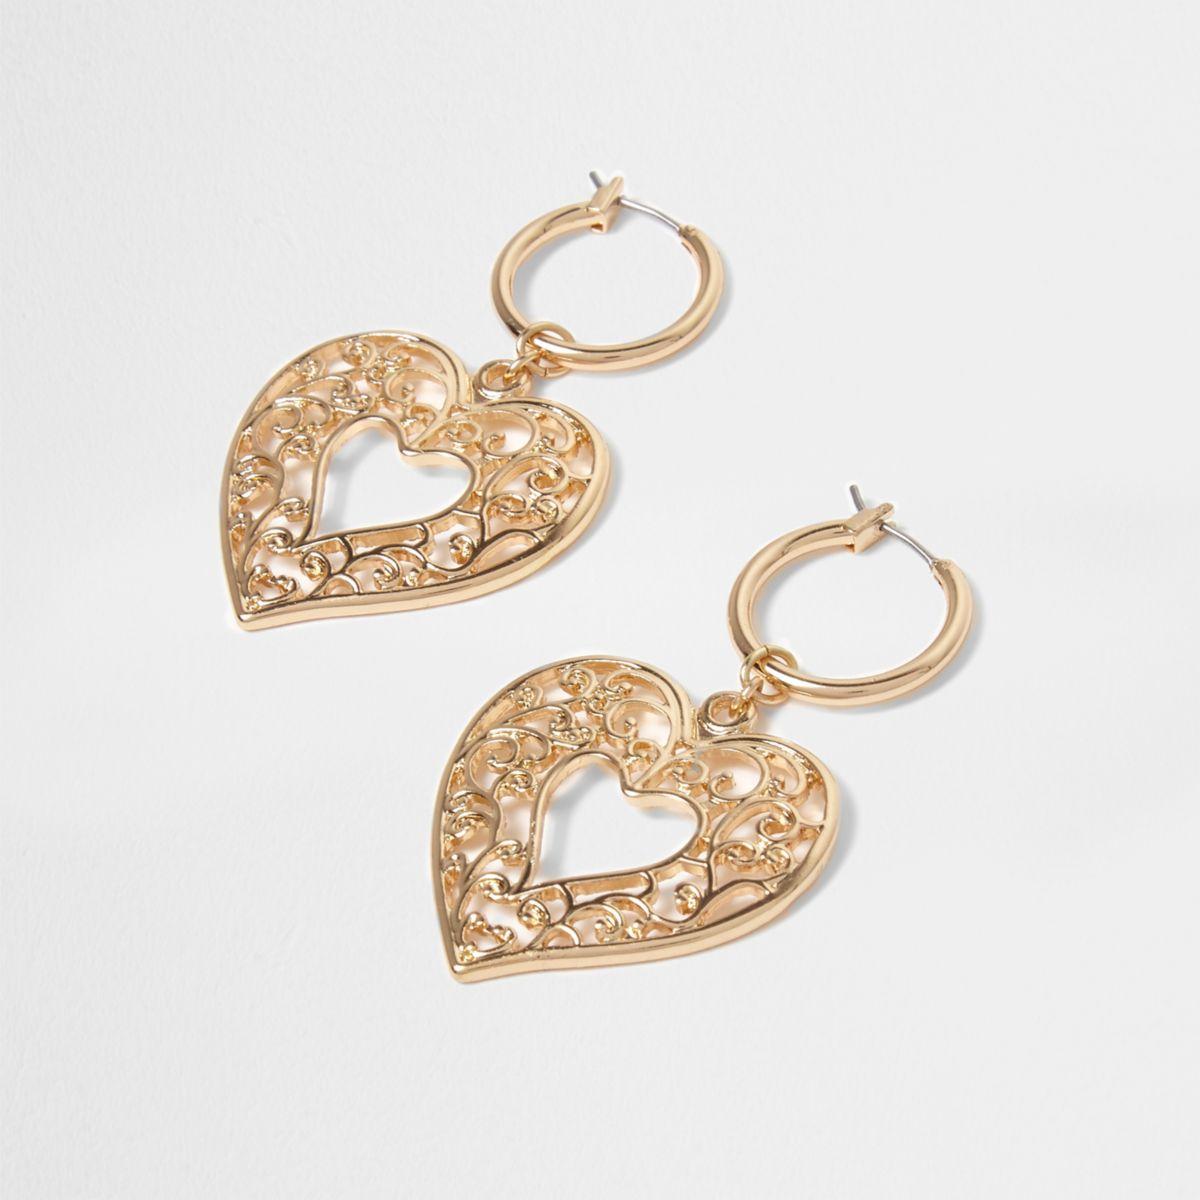 Gold tone heart dangle hoop earrings